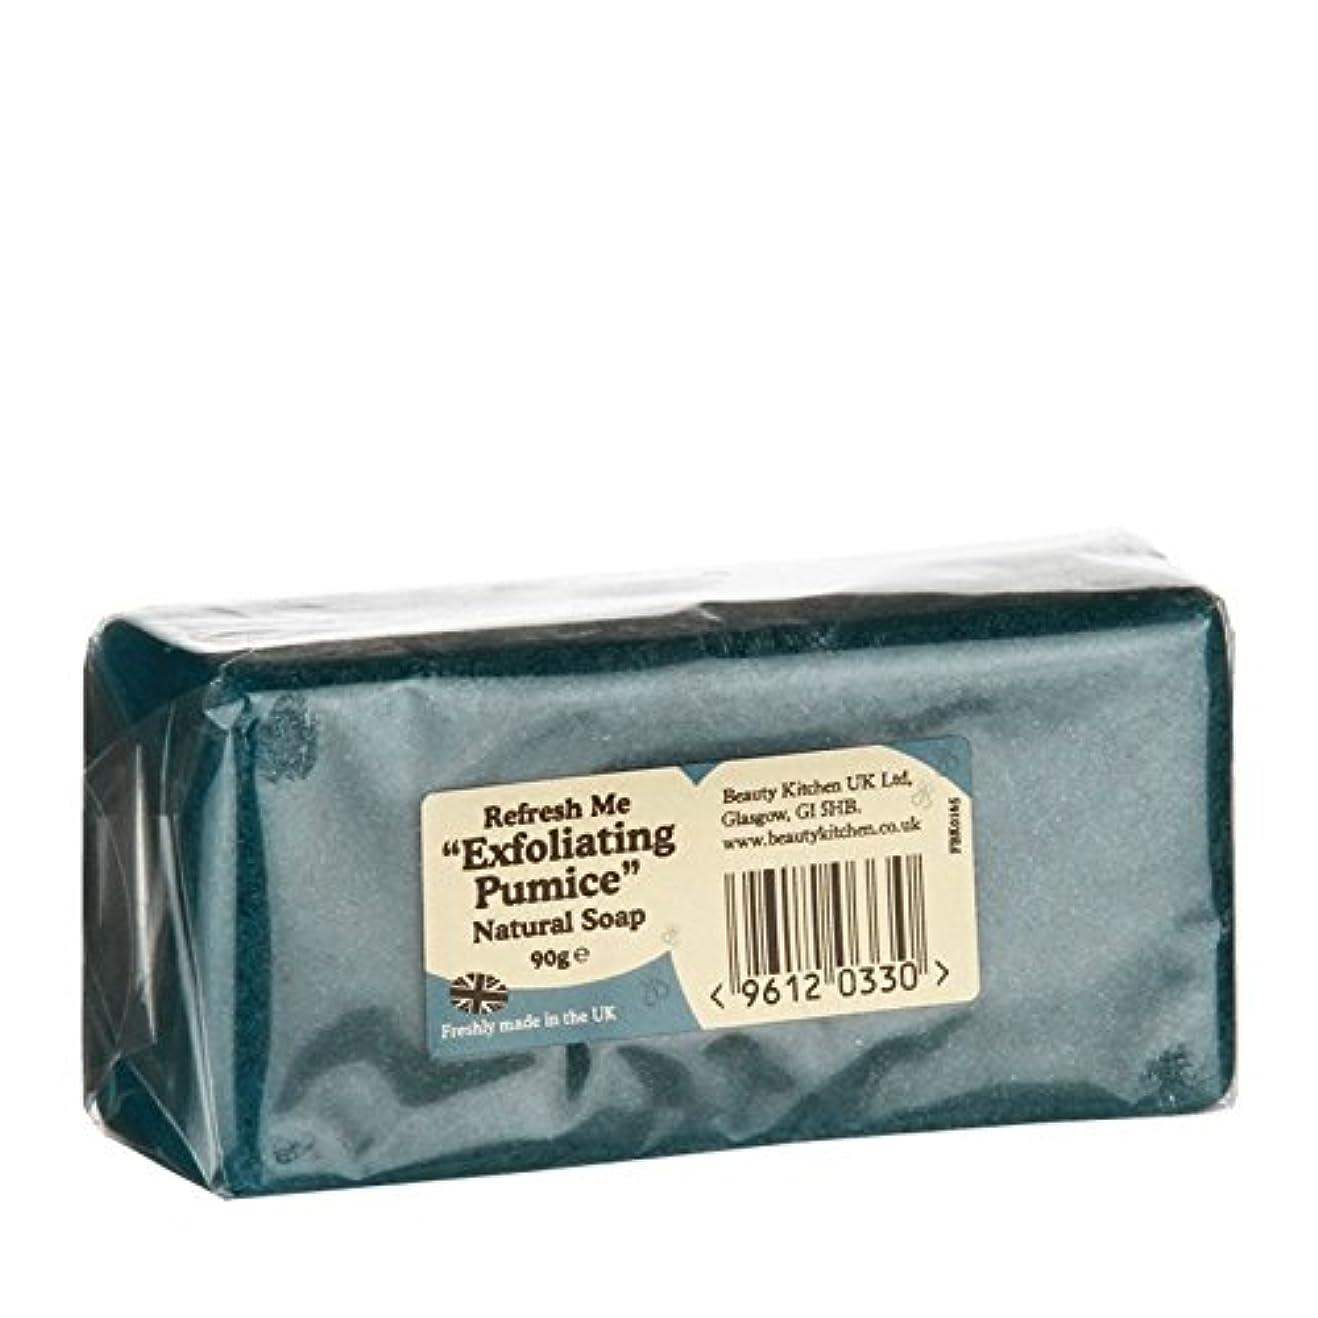 ビザ尾証明美しさのキッチンは、軽石の天然石鹸90グラムを剥離私をリフレッシュ - Beauty Kitchen Refresh Me Exfoliating Pumice Natural Soap 90g (Beauty Kitchen...